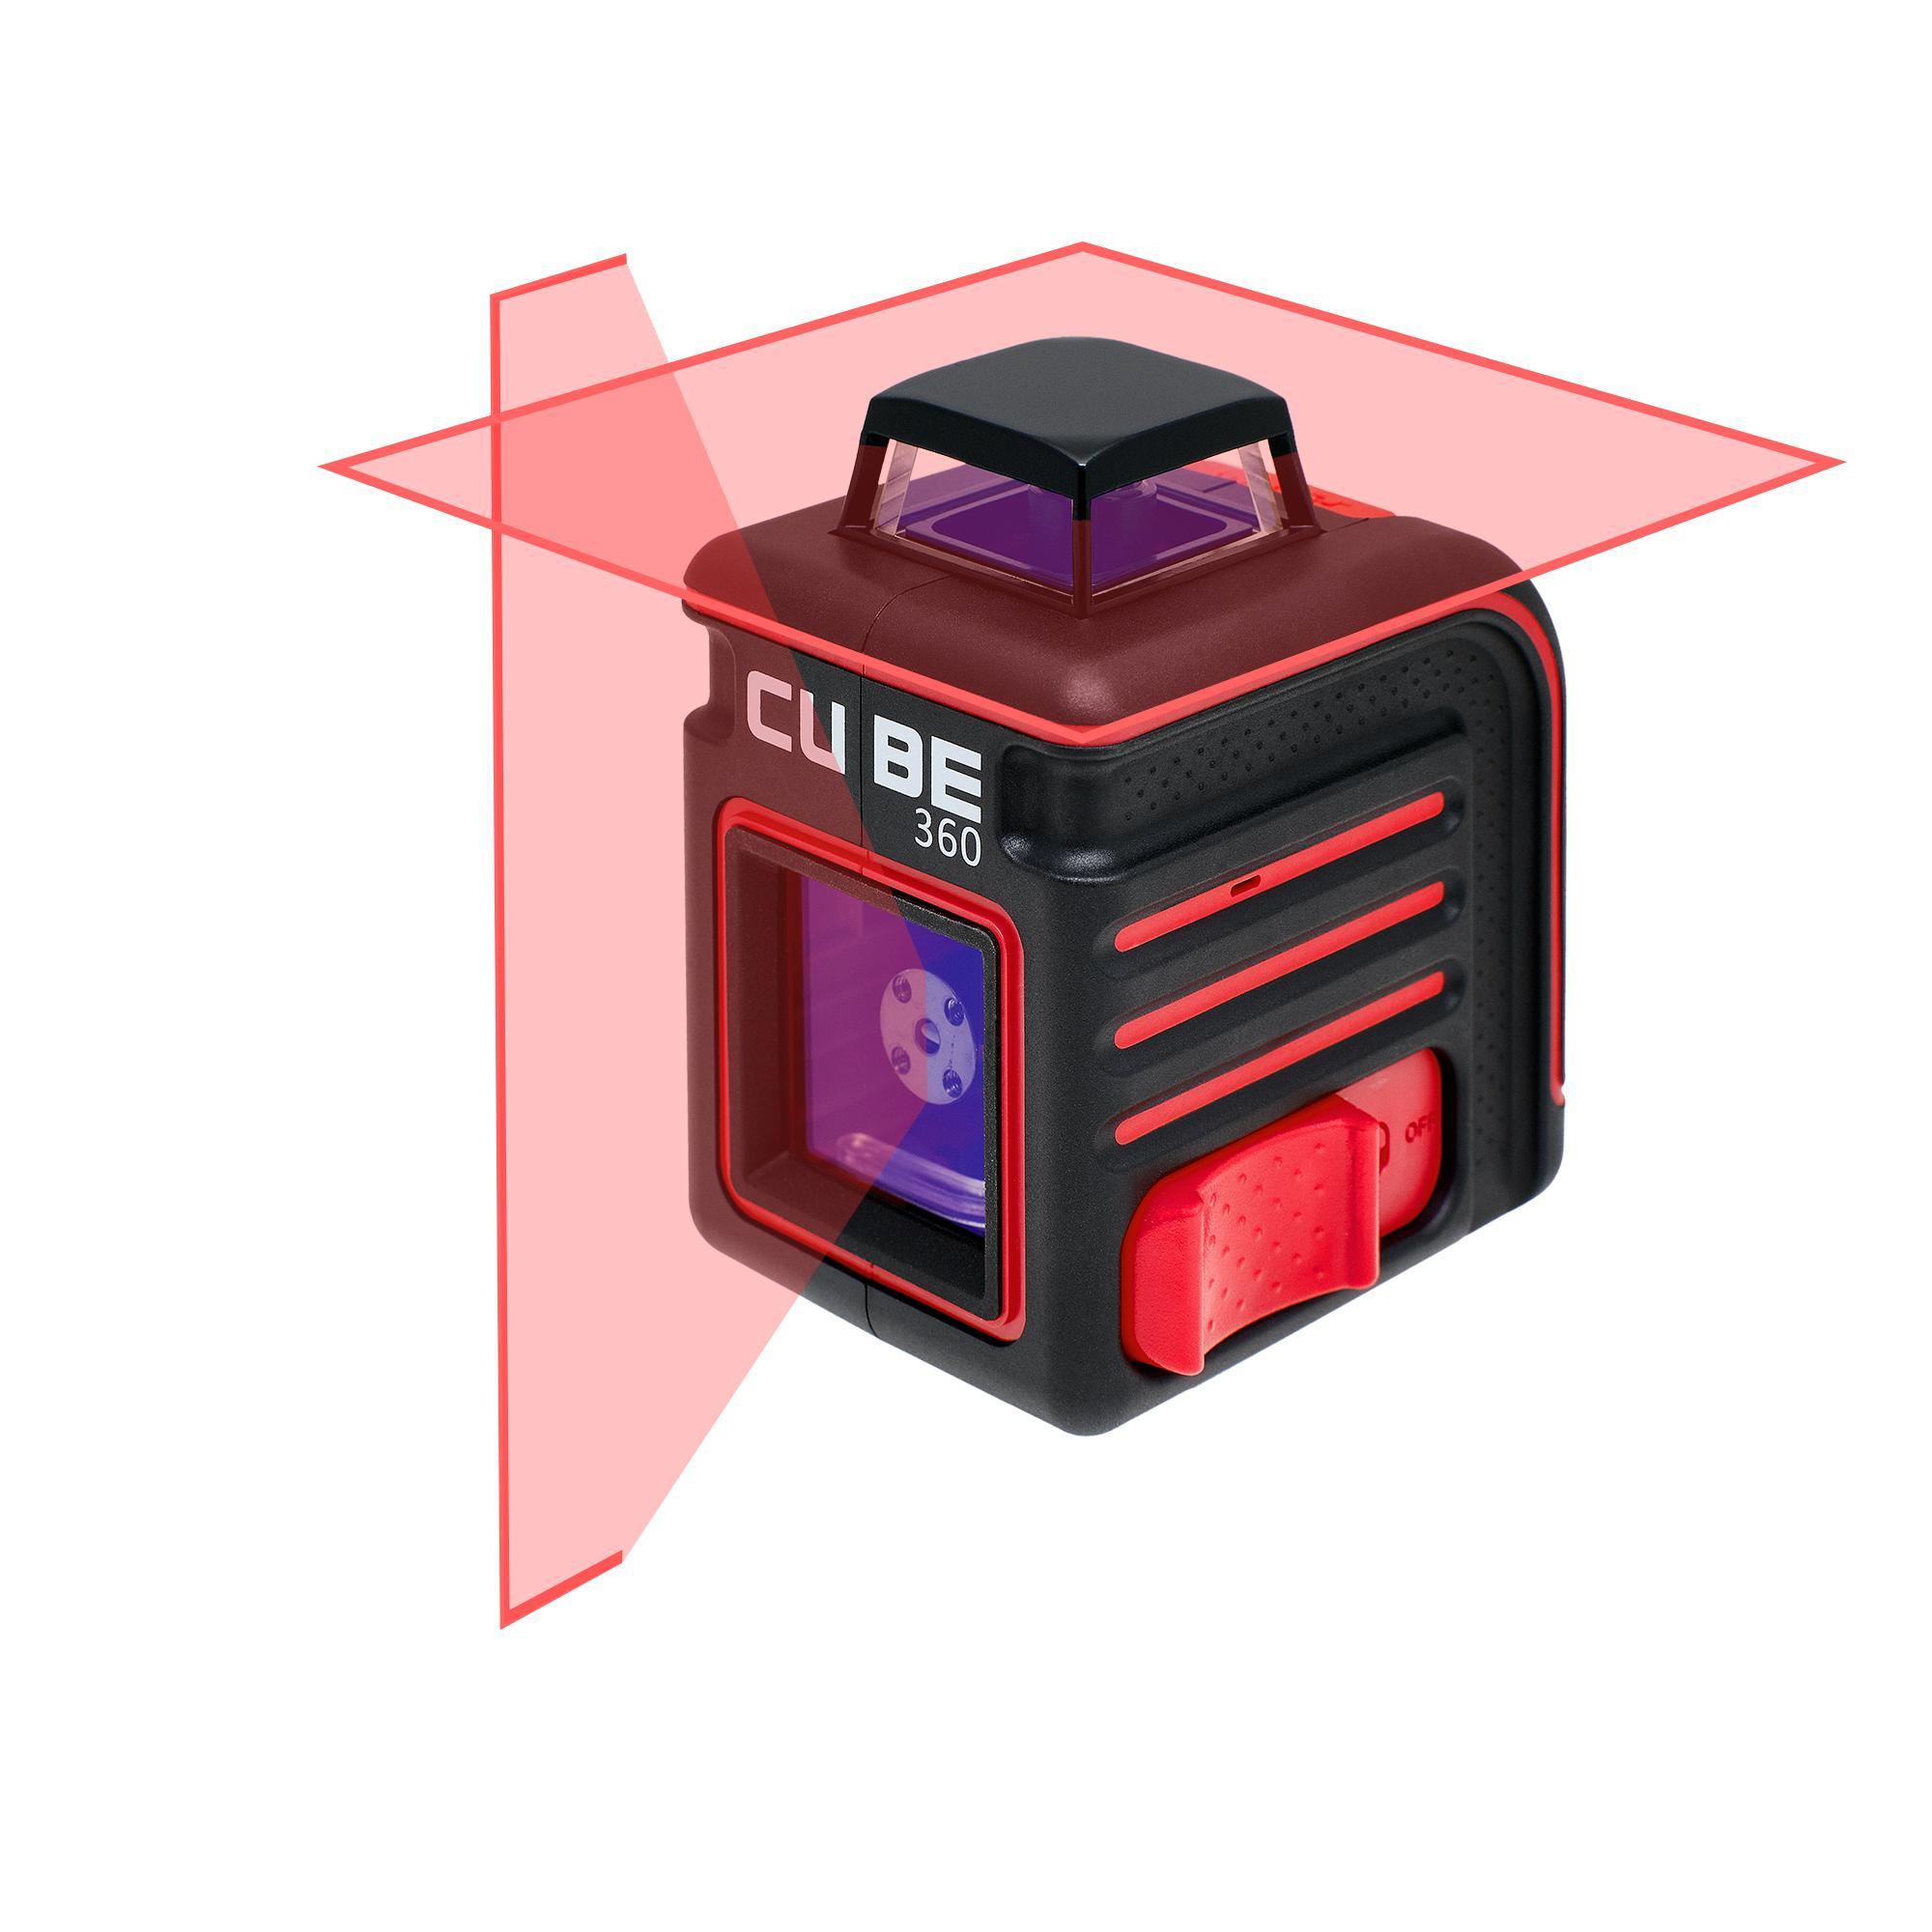 цена на Лазерный построитель плоскостей Ada Cube 360 basic edition